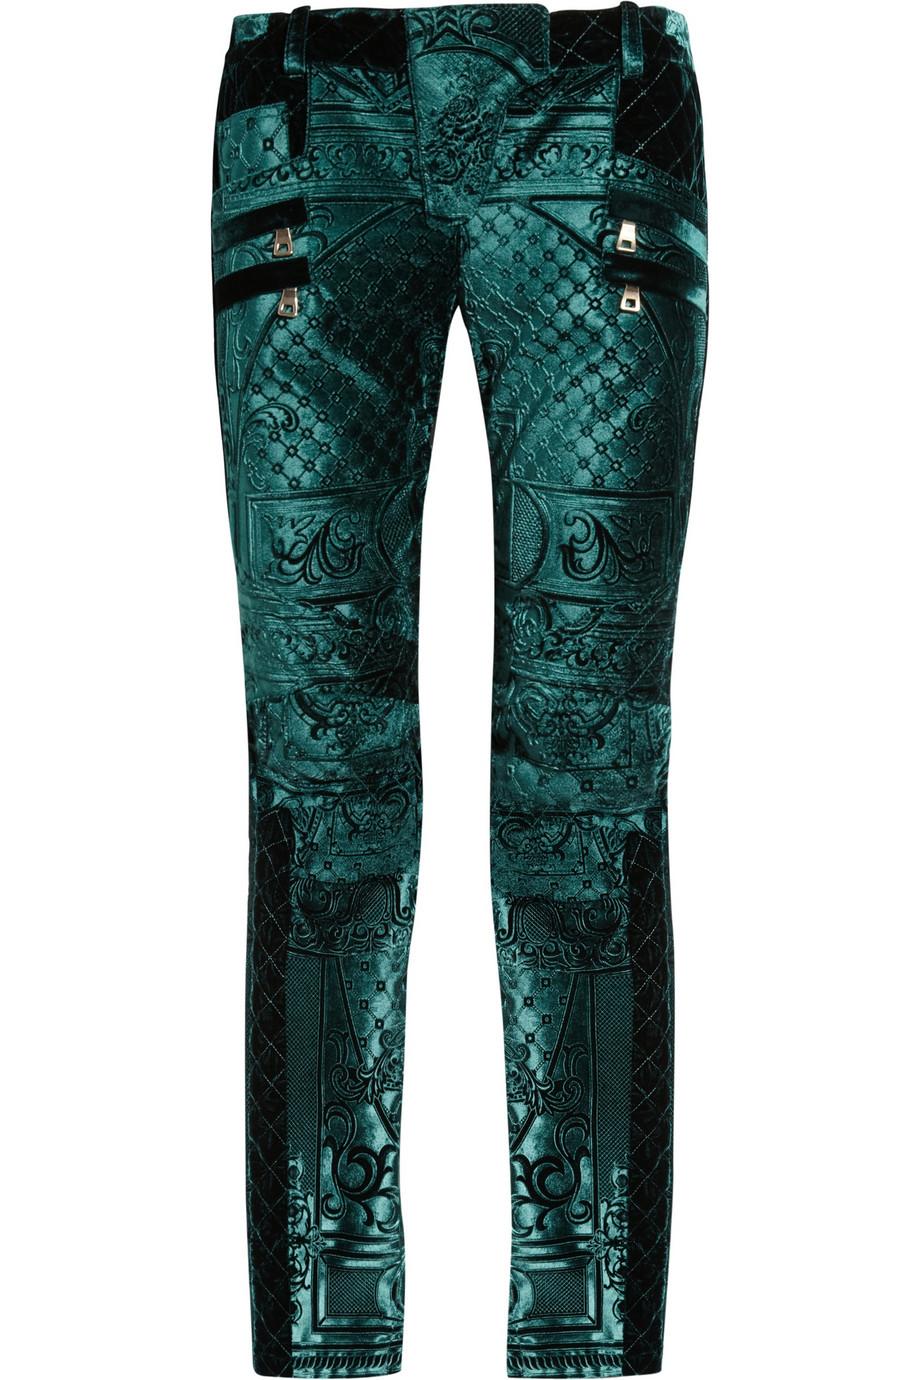 Balmain emerald jeans